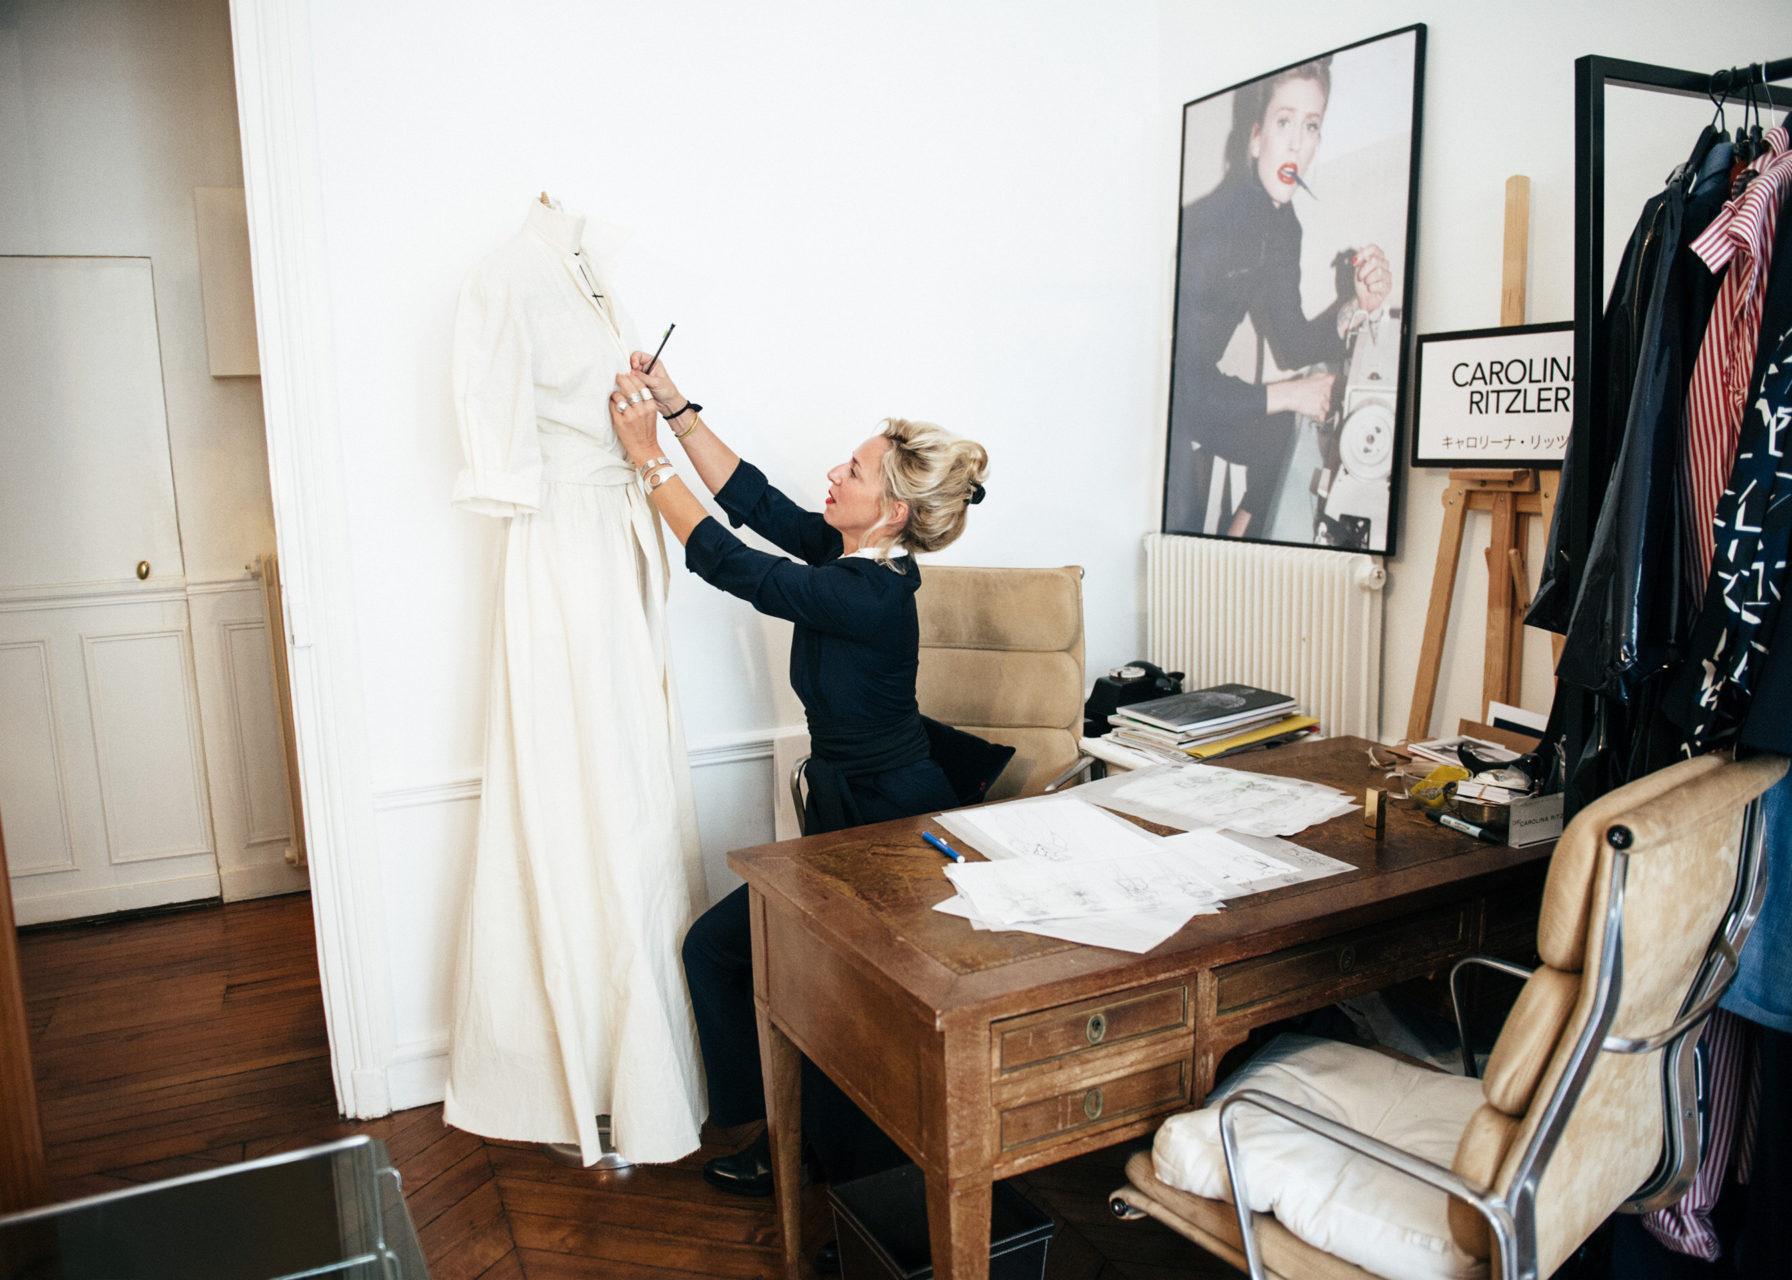 Carolina Ritzler par Sarah Aubel